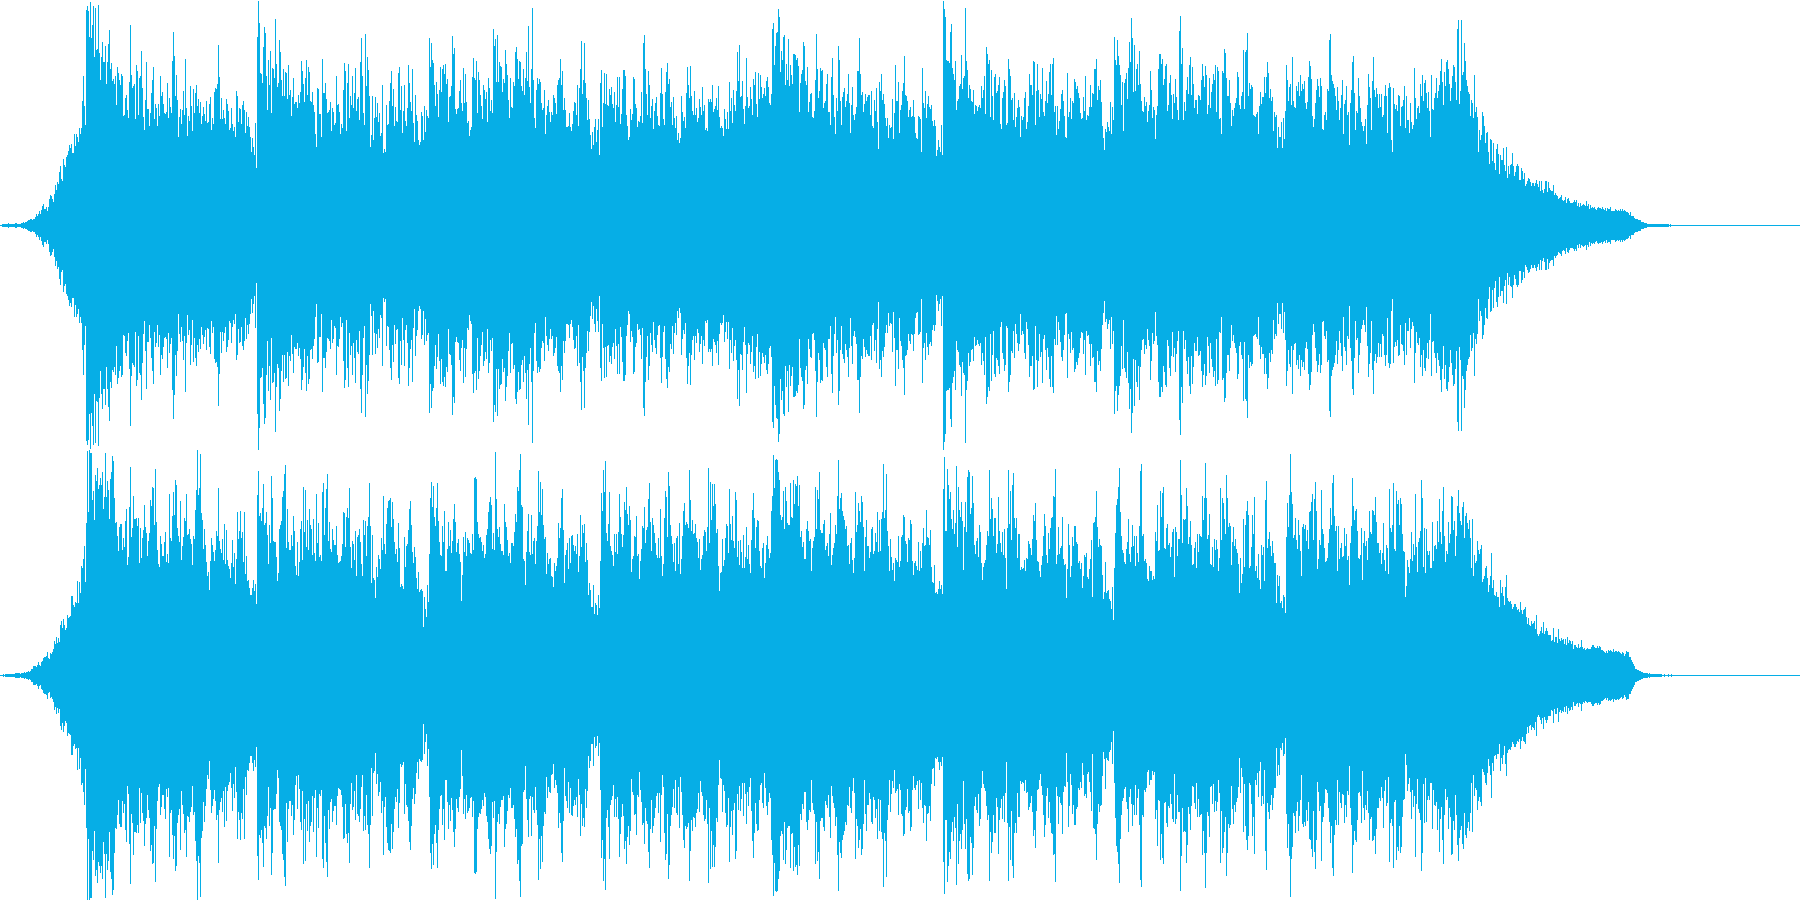 企業VPや映像71、オーケストラ、壮大cの再生済みの波形